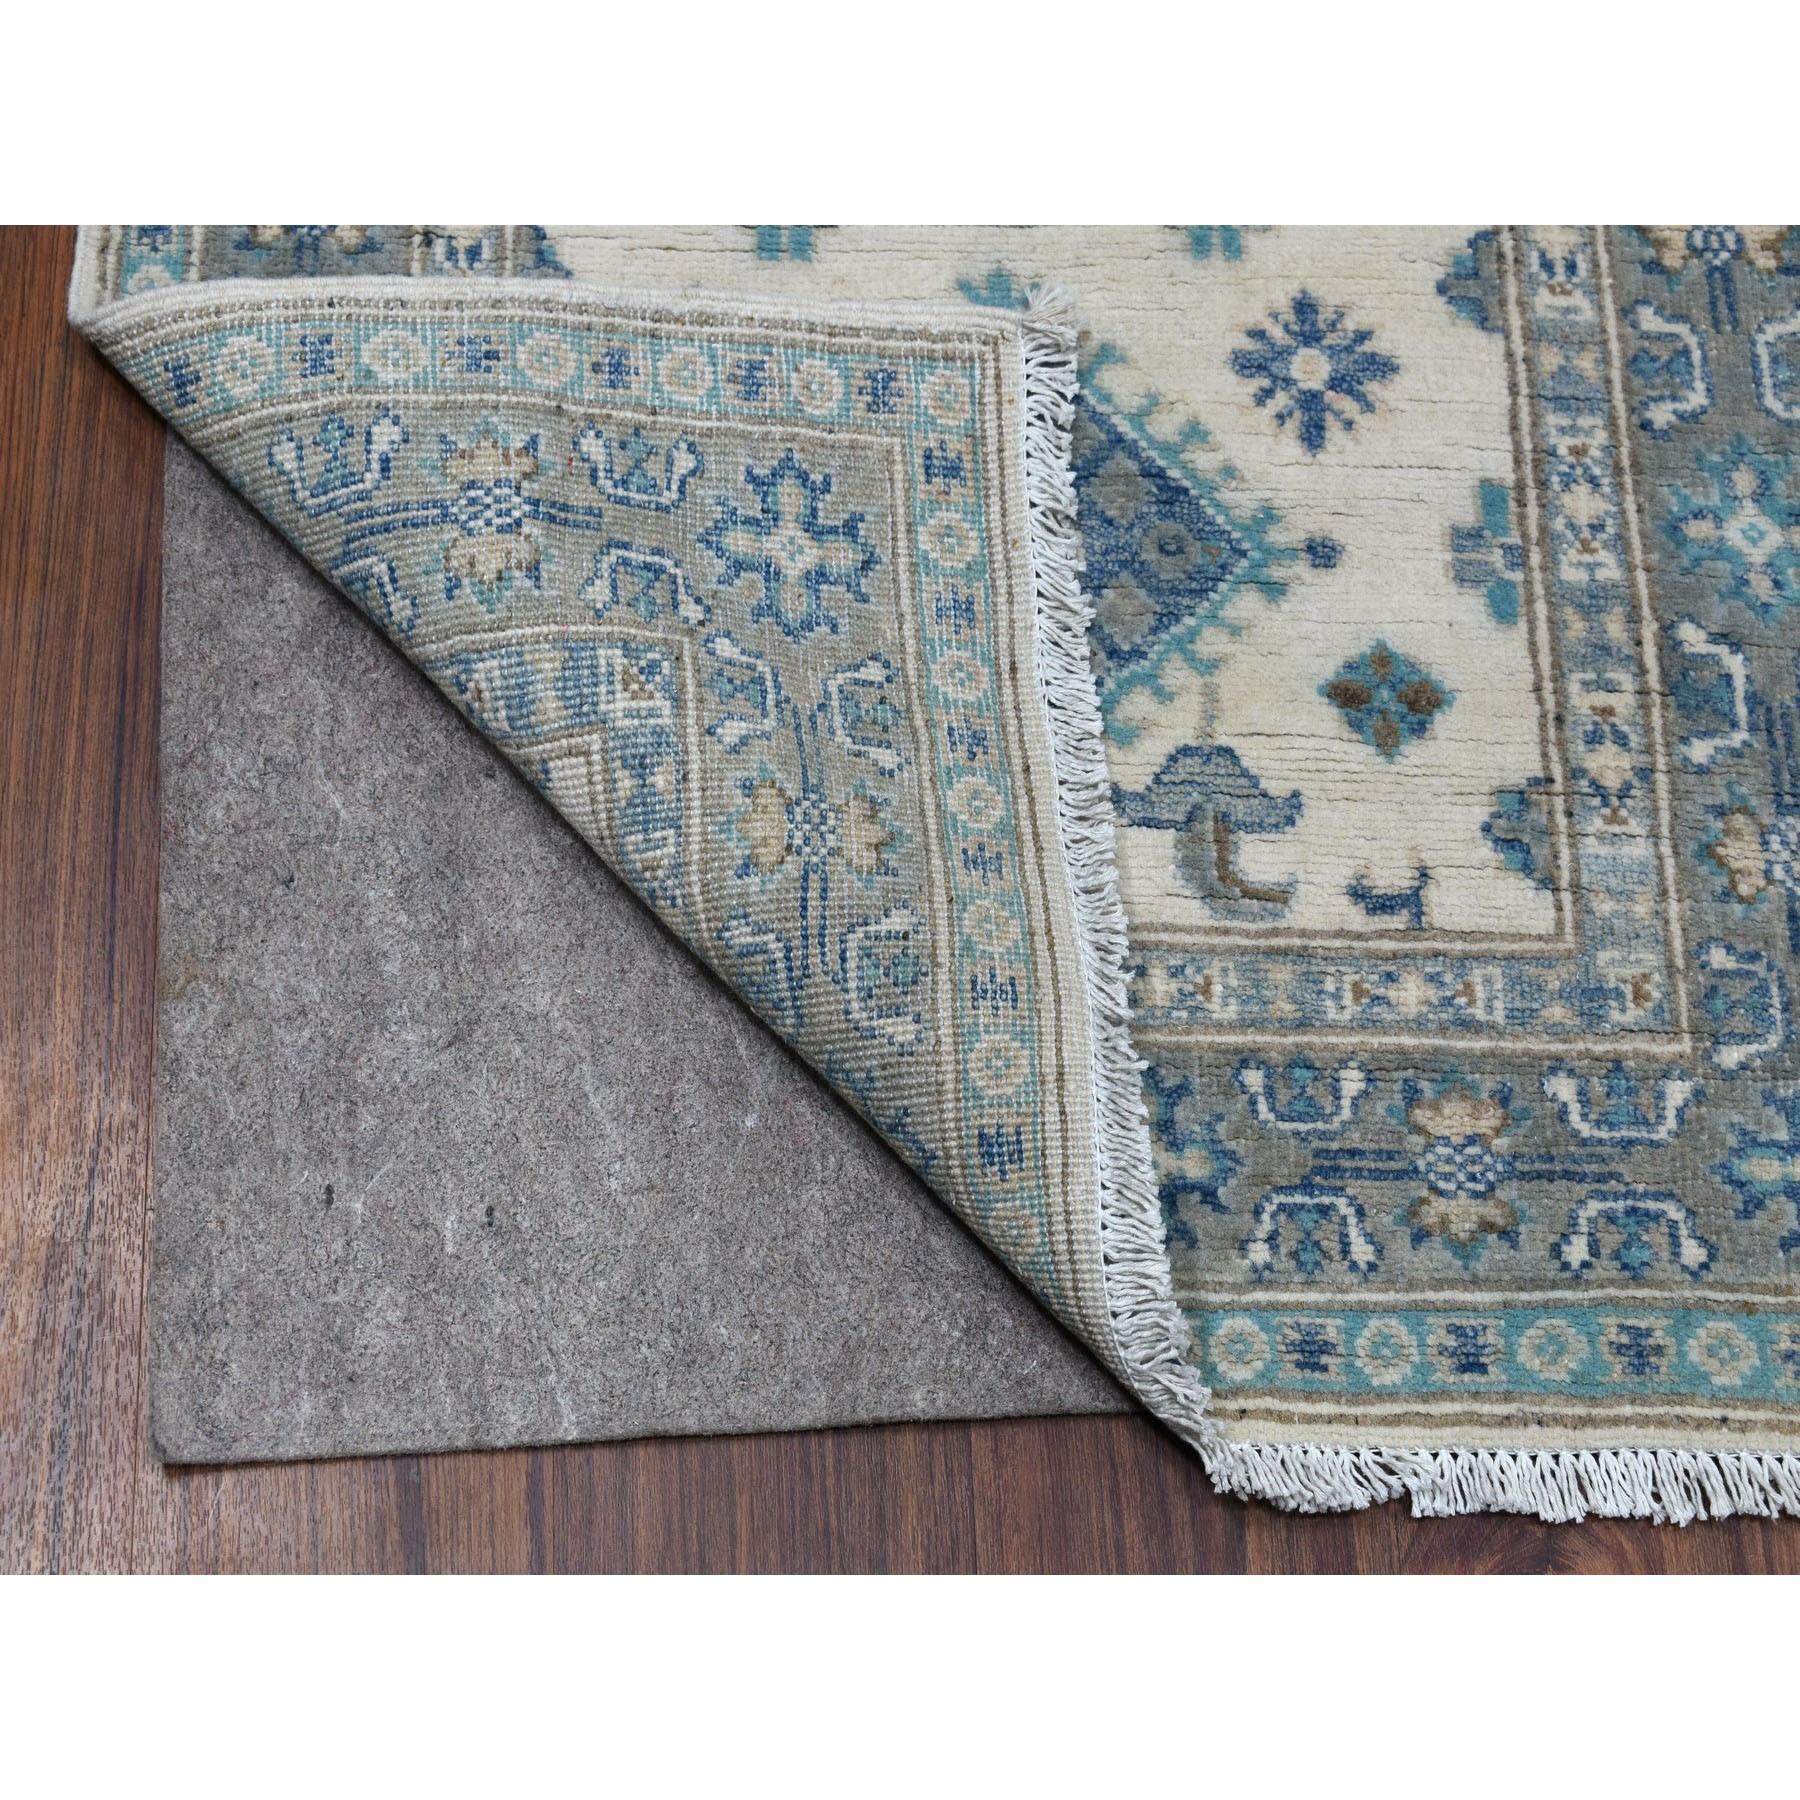 2-6 x9-6  Ivory Afghan Vintage Look Kazak Tribal Design Organic Wool Hand Knotted Runner Oriental Rug